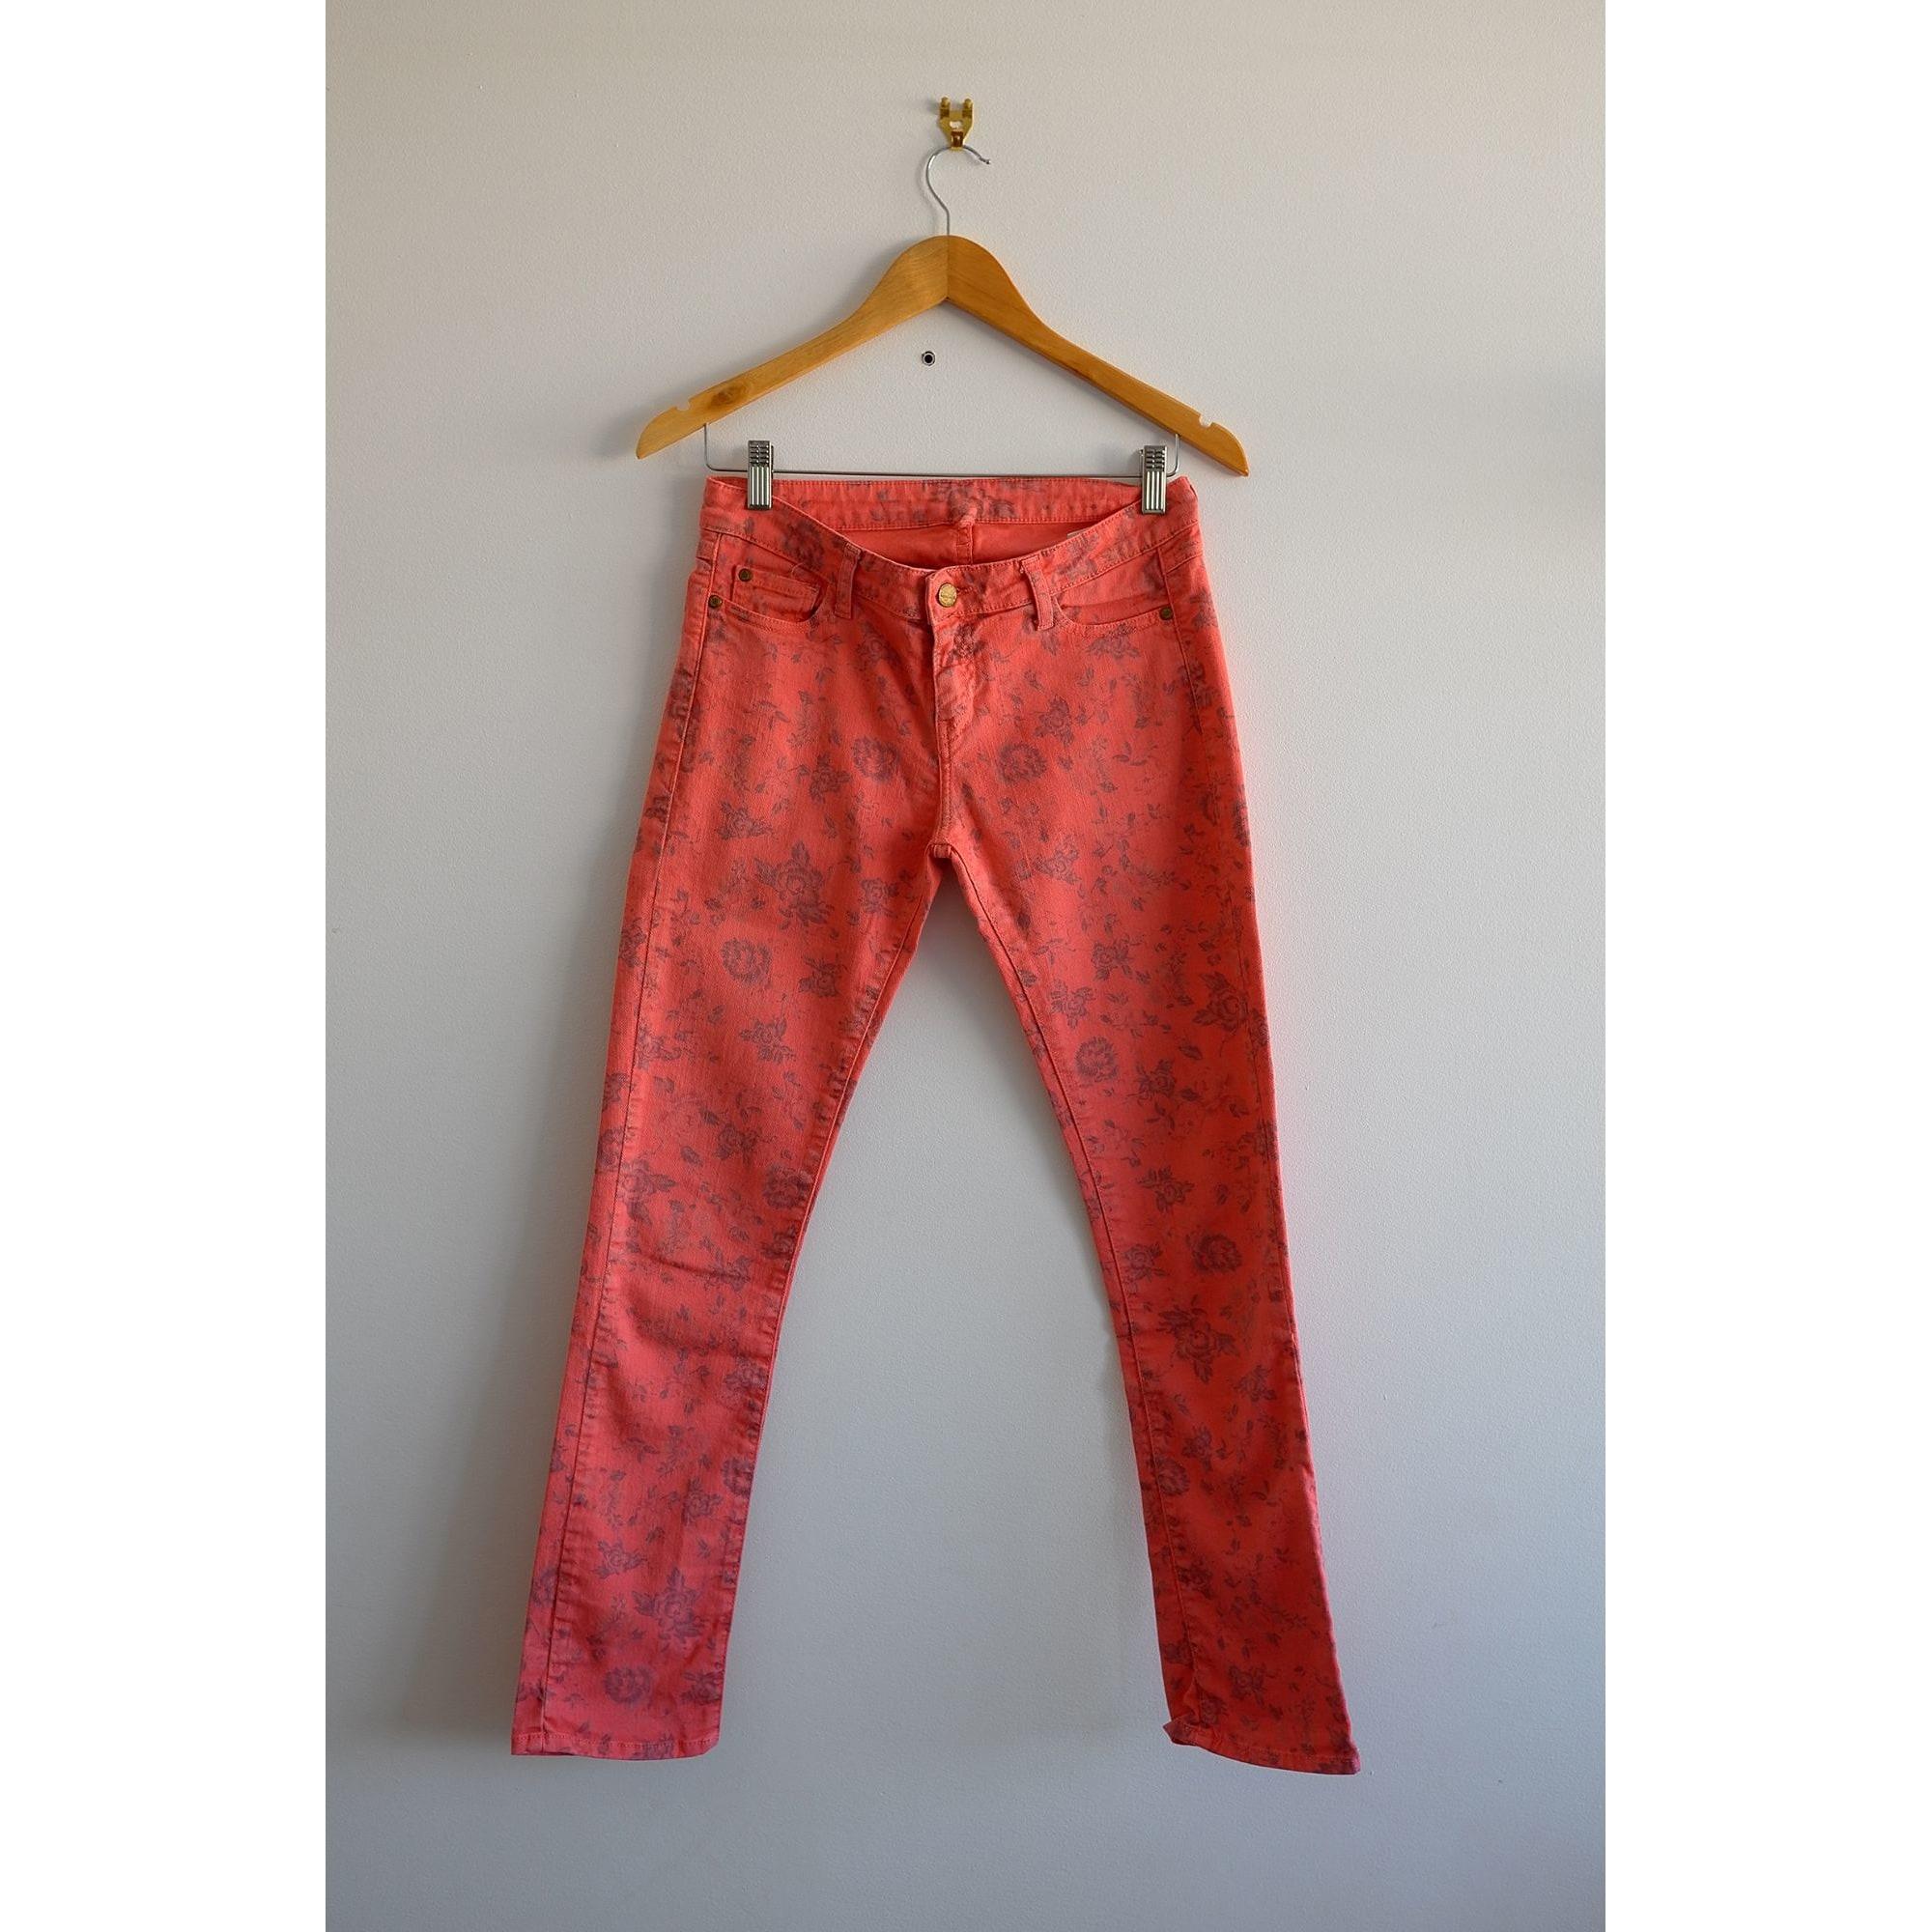 Jeans droit ACQUAVERDE Rose, fuschia, vieux rose